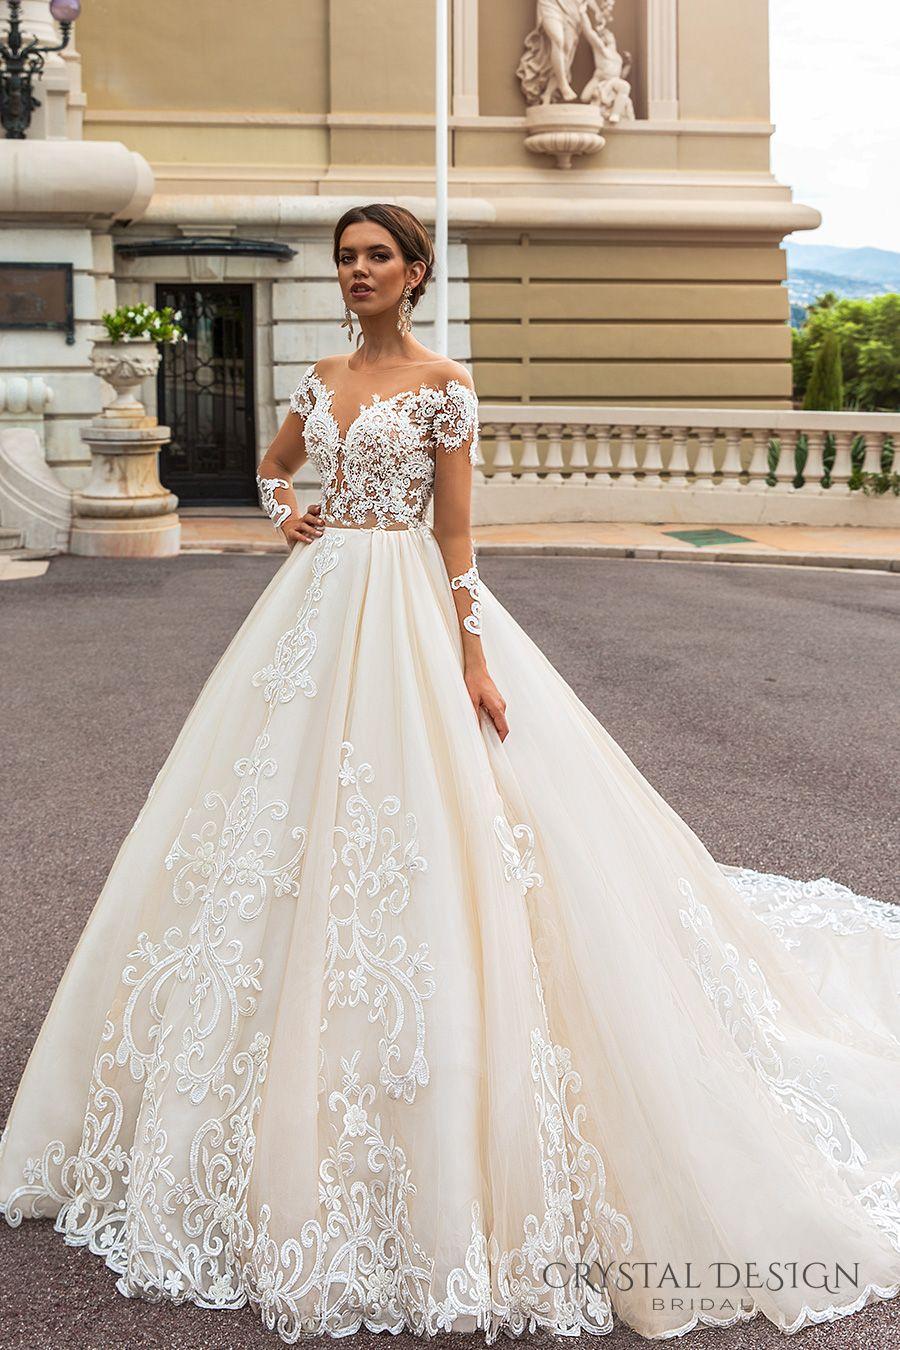 Großhandel Langärmlige Prinzessin Königliche Zug Brautkleider 11 Kristall  Design Braut Aus Der Schulter Tiefe Schatz Verschönert Mieder Von